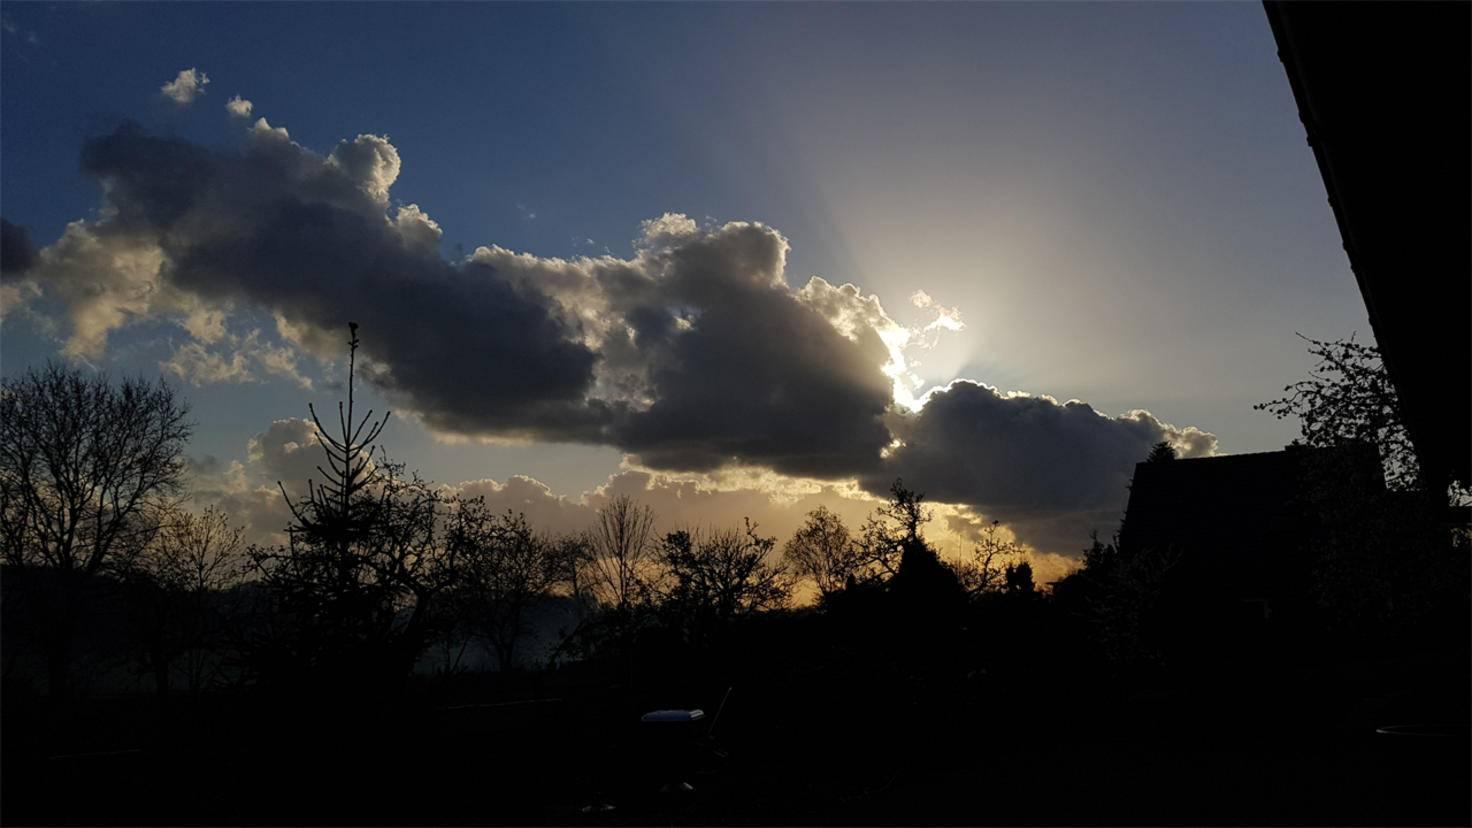 Wer die Helligkeit beeinflussen will, kann entweder einen helleren oder dunkleren Punkt im Bild fokussieren...